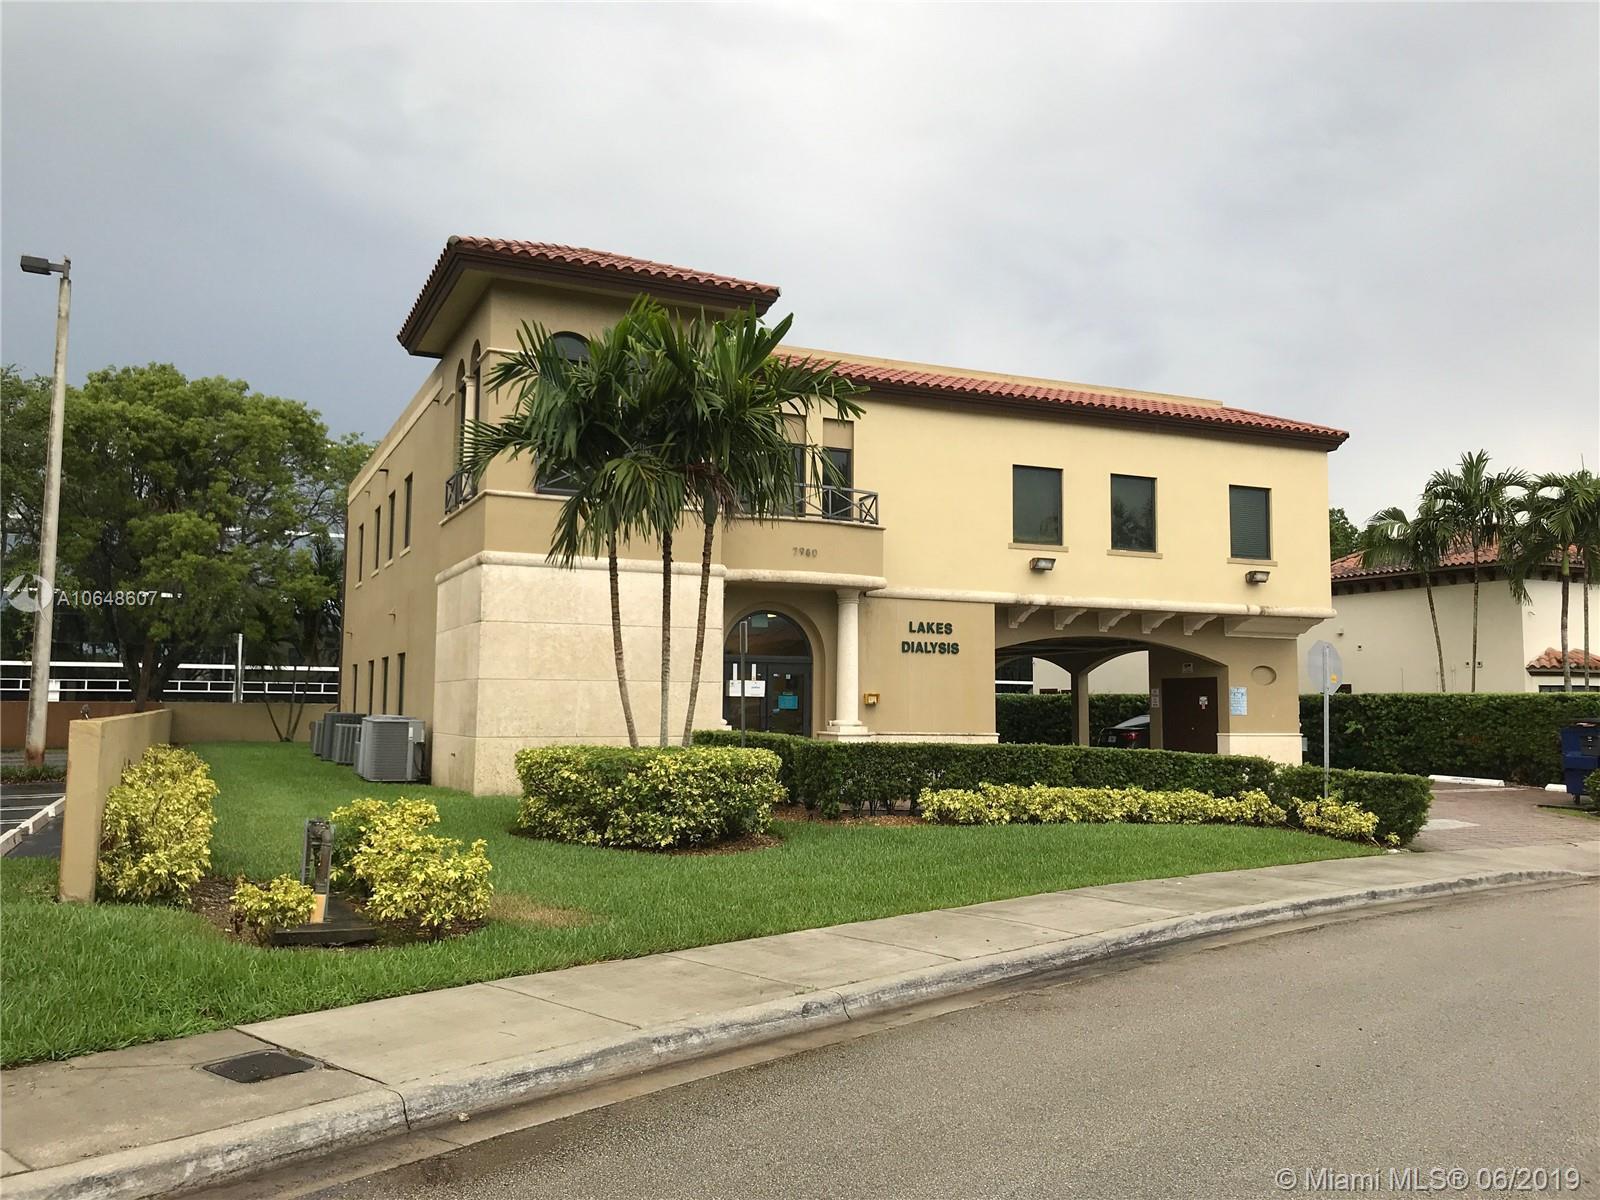 7980 NW 155th St, Miami Lakes, FL 33016